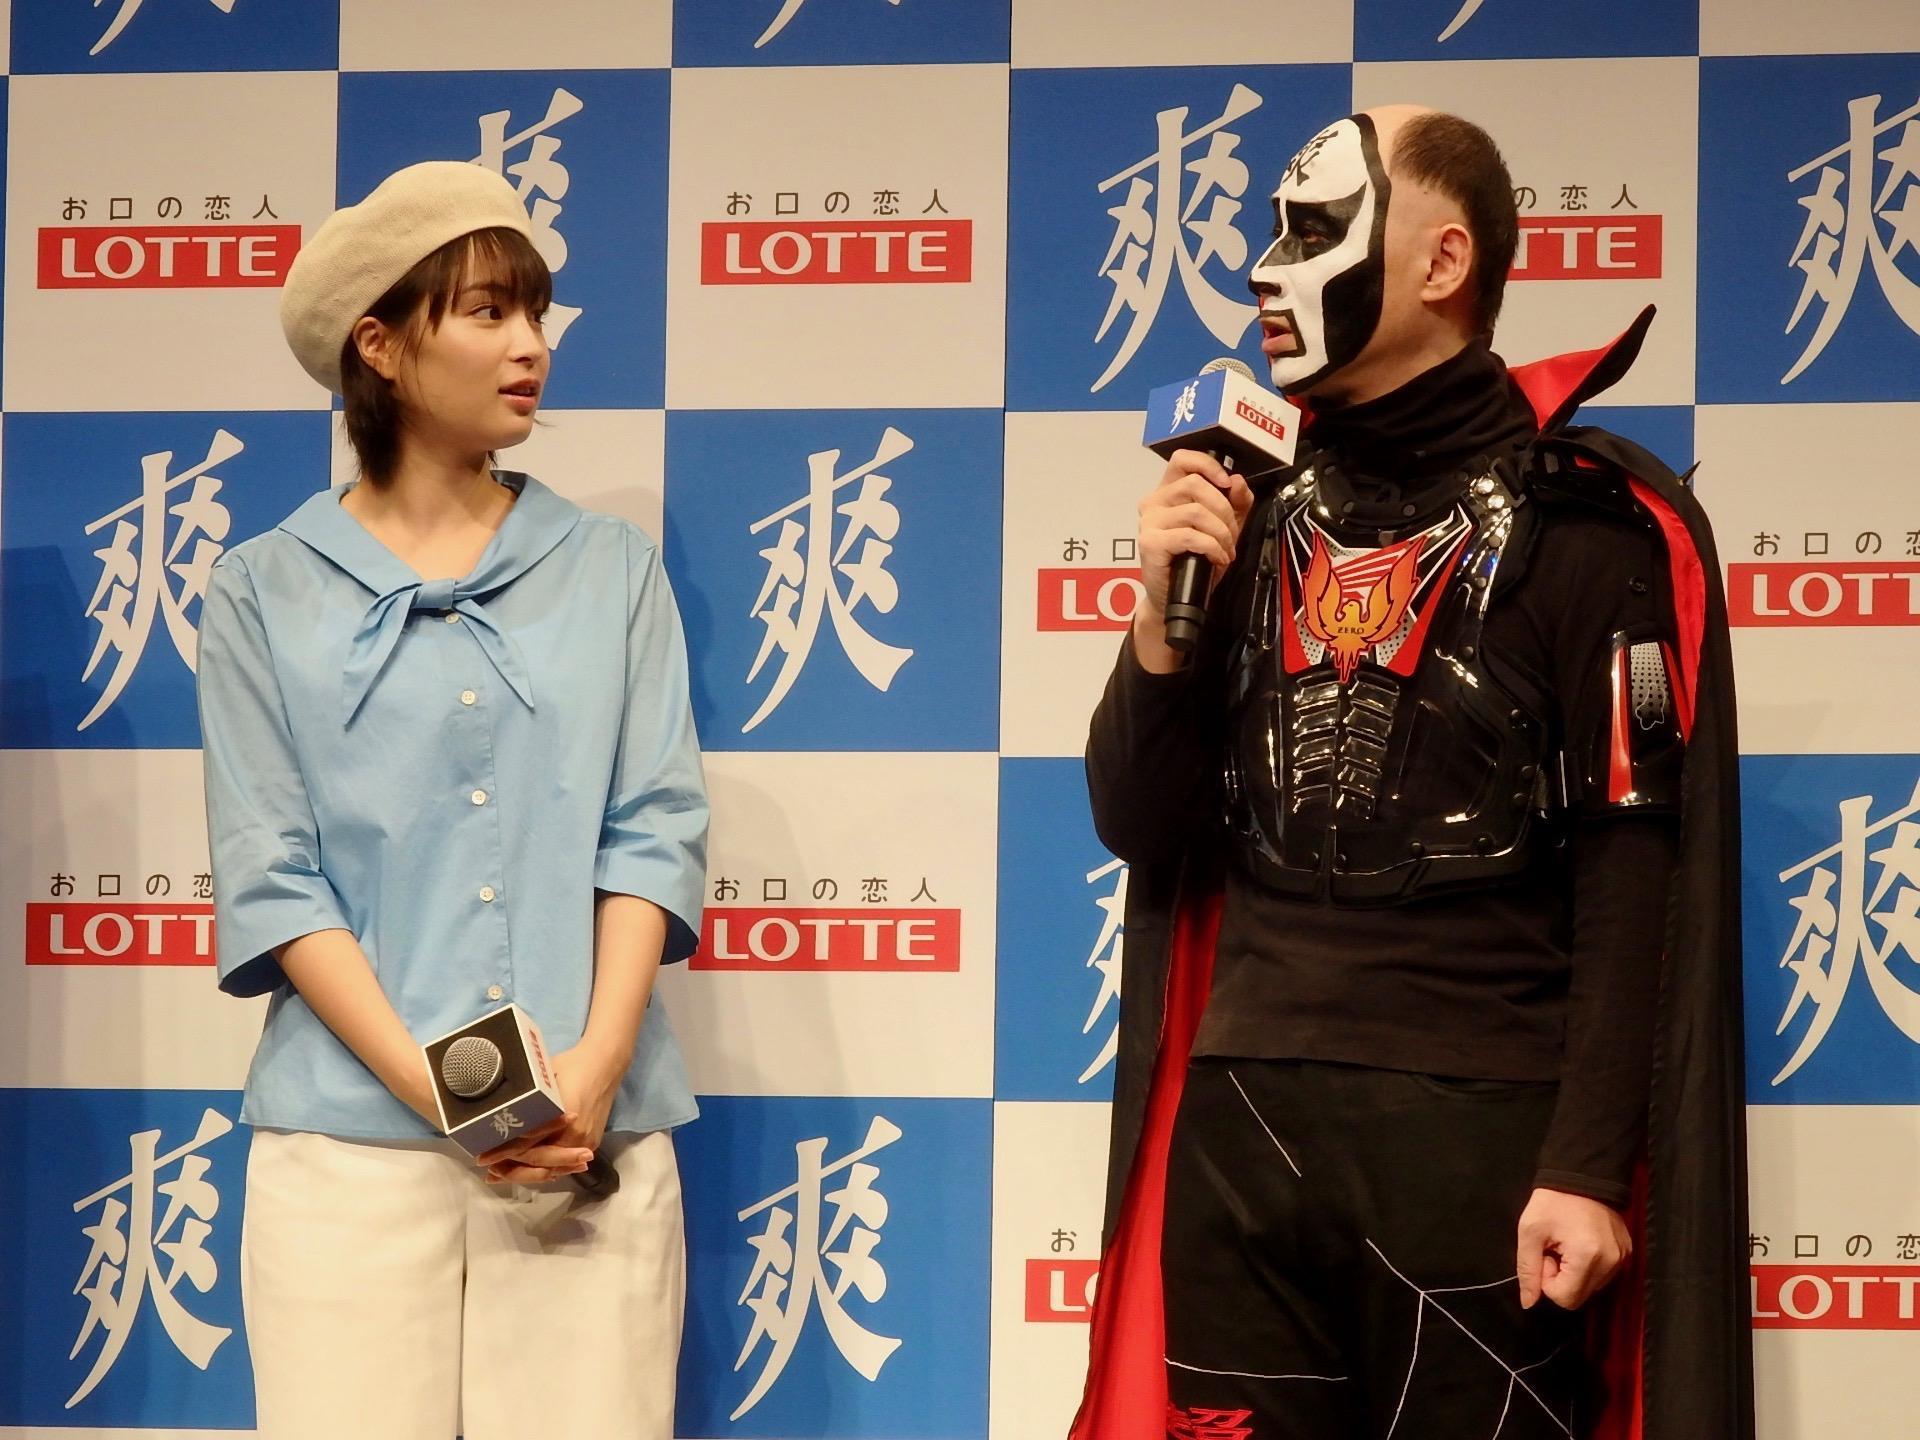 http://news.yoshimoto.co.jp/20180612212159-fba573a7cc76ba90464f354dc5065e13d0e2a1e1.jpg